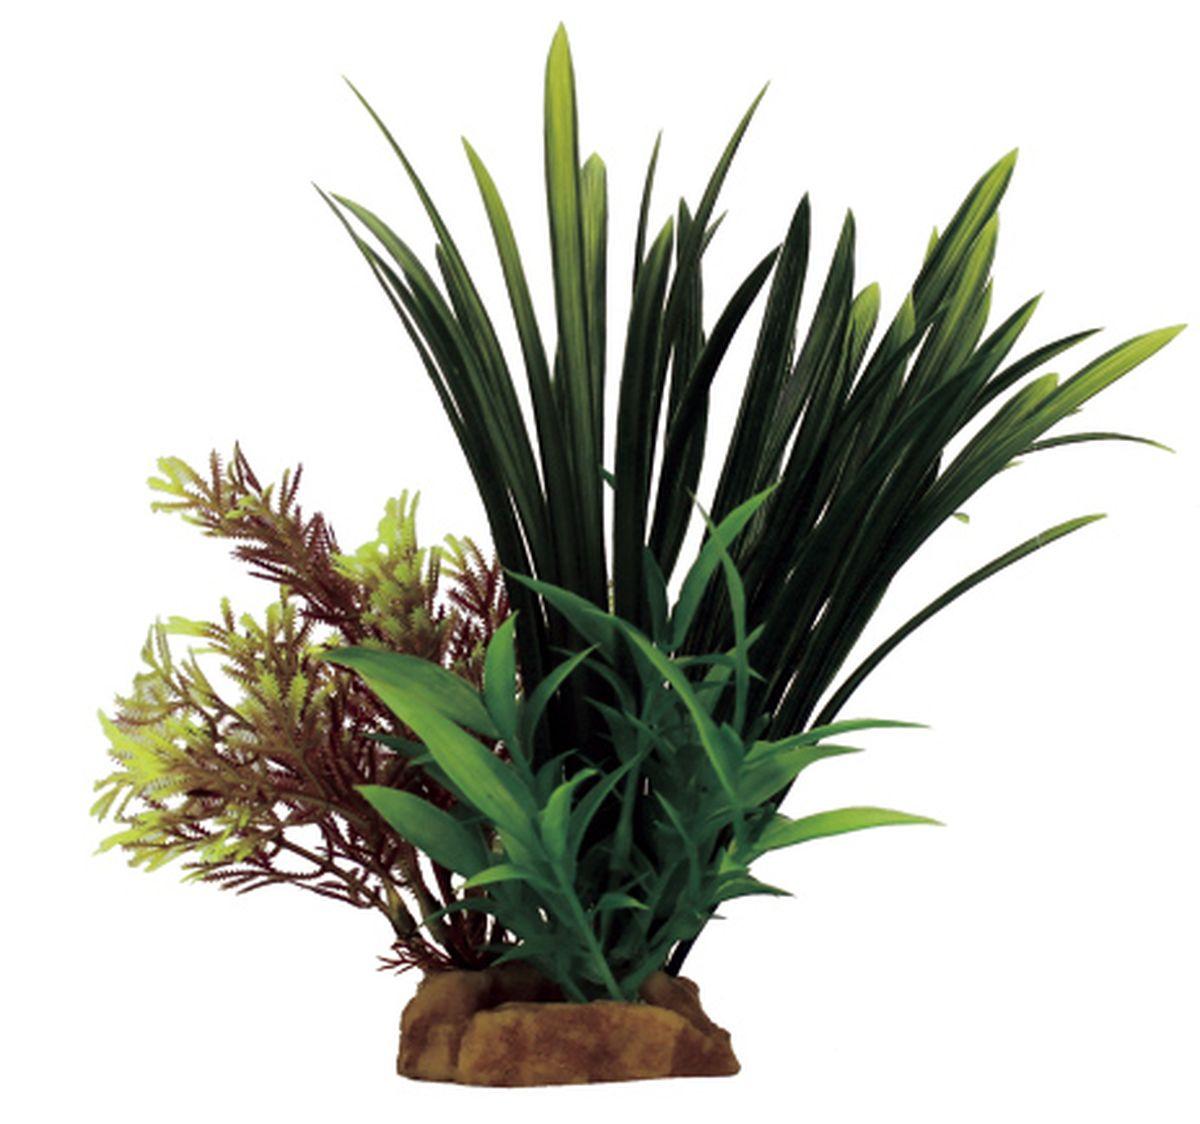 Композиция из растений для аквариума ArtUniq Бликса, 16 x 15 x 23 см декорация для аквариума artuniq пористый камень 20 5 x 10 5 x 18 8 см